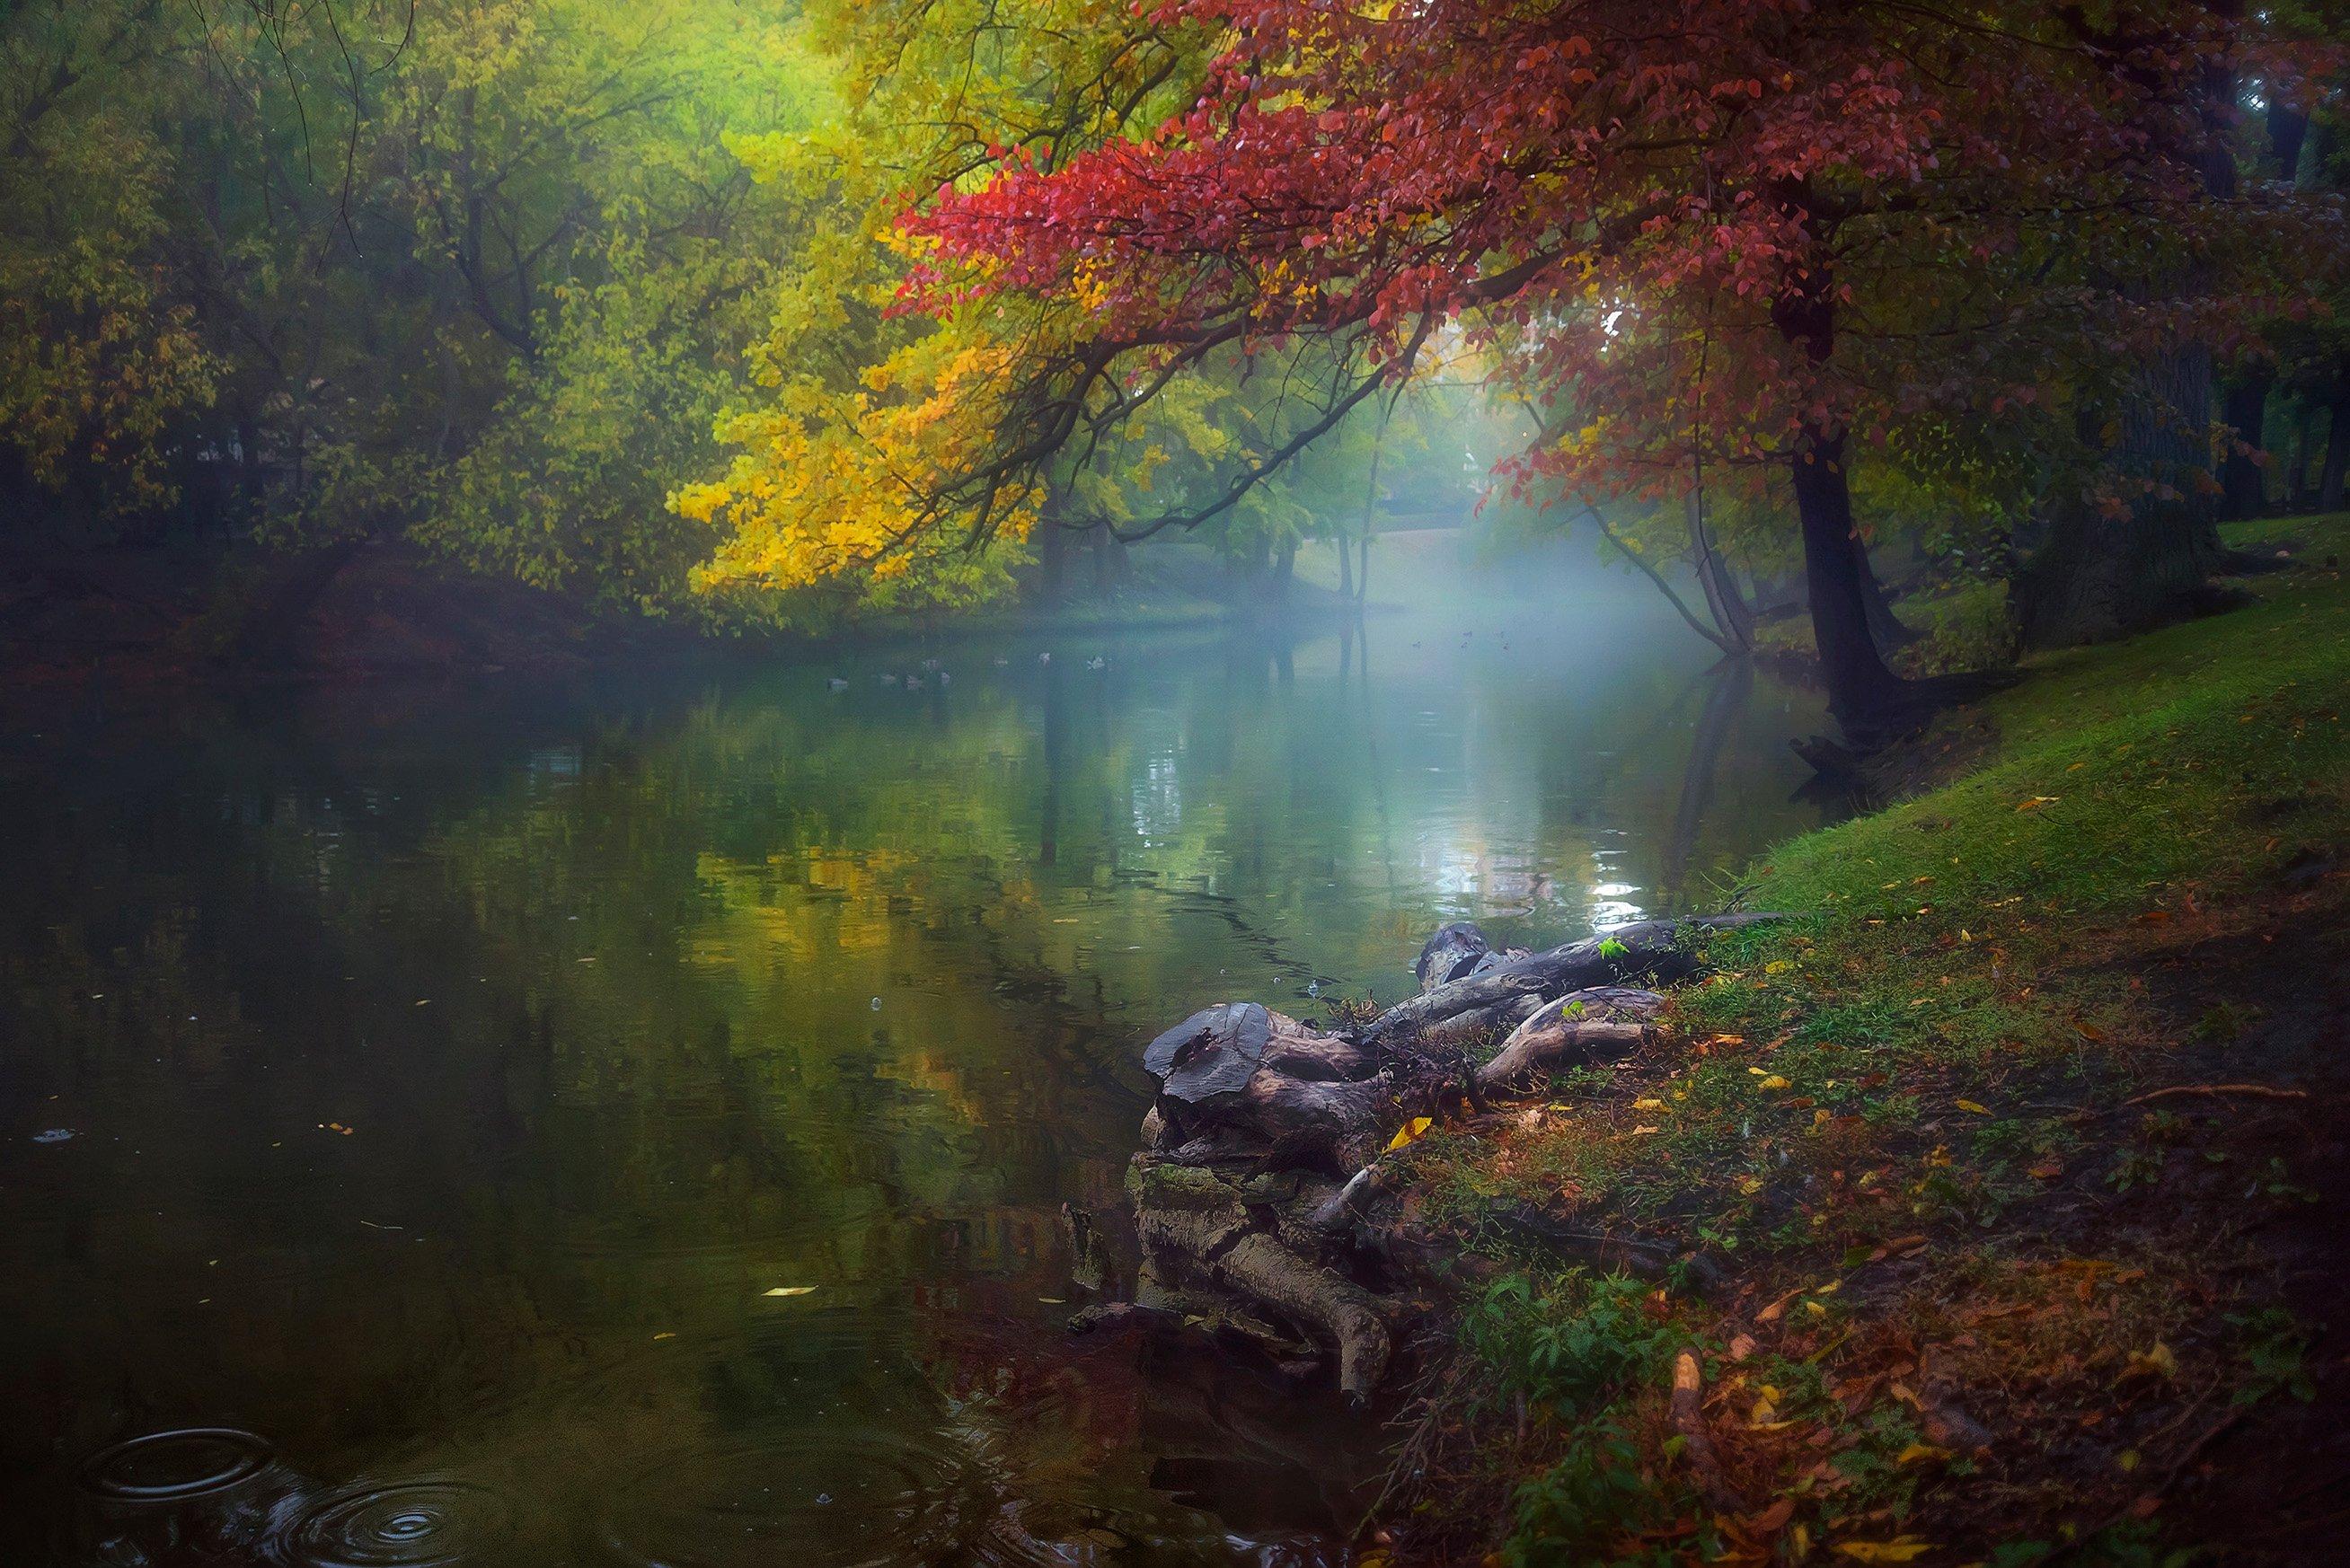 саратов, парк, осень, озеро, отражение, пень, туман, Алексей Ермаков